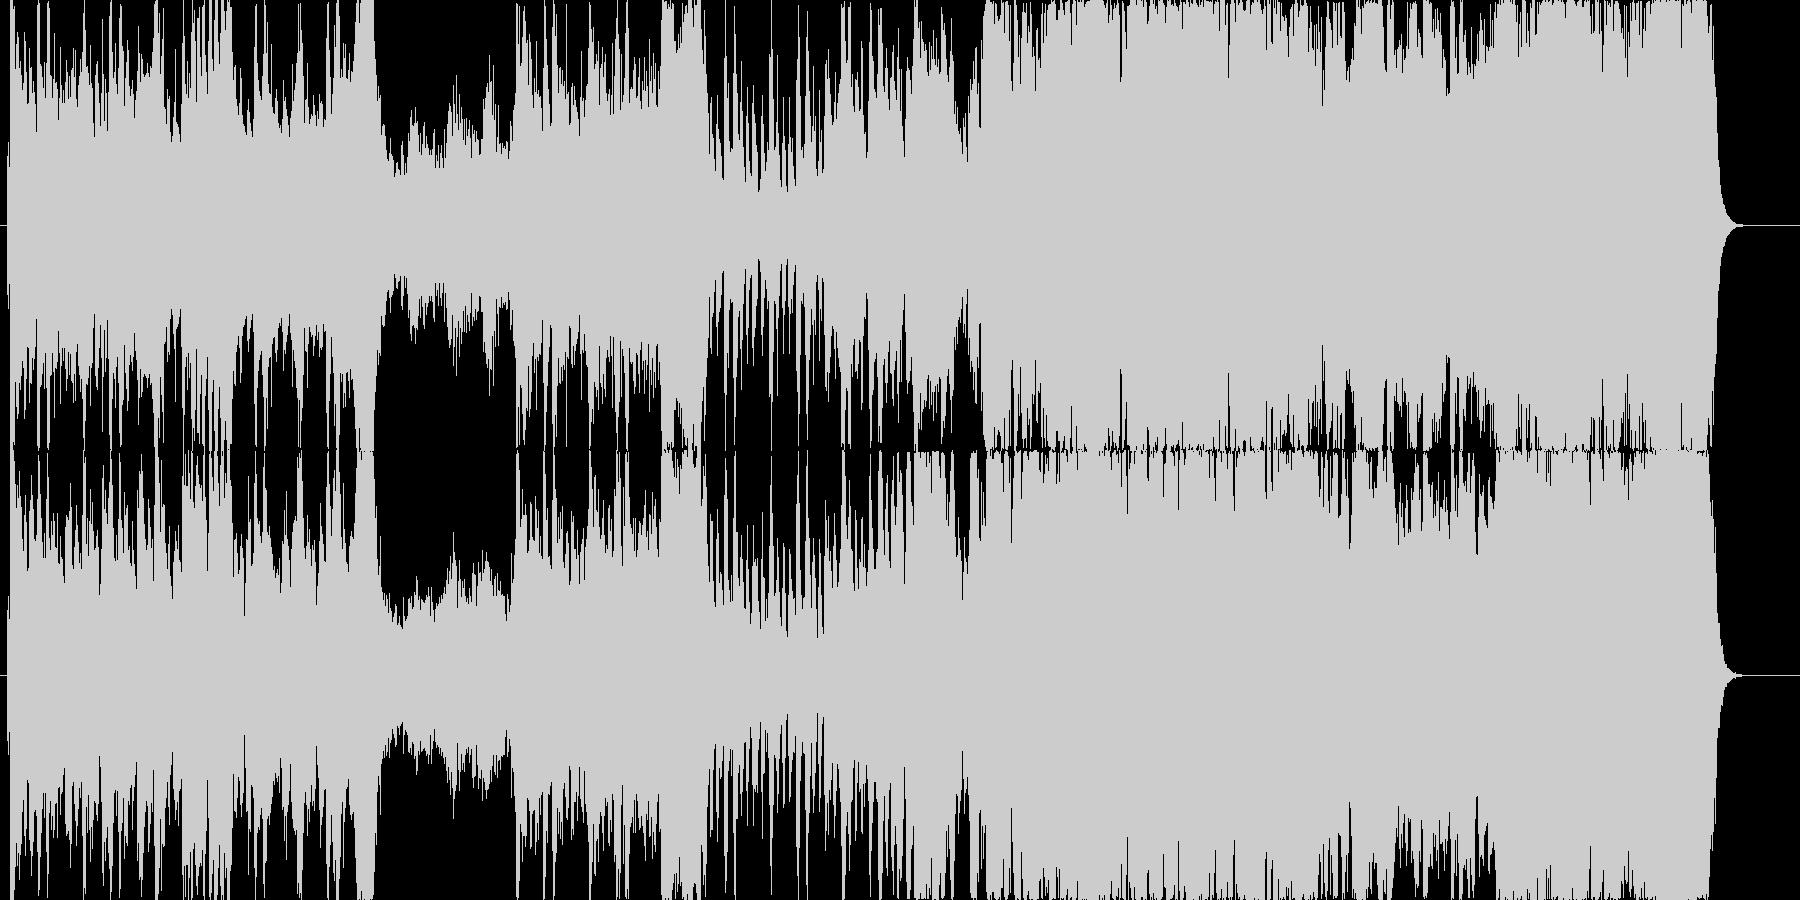 何らかの救出作戦をイメージした楽曲の未再生の波形